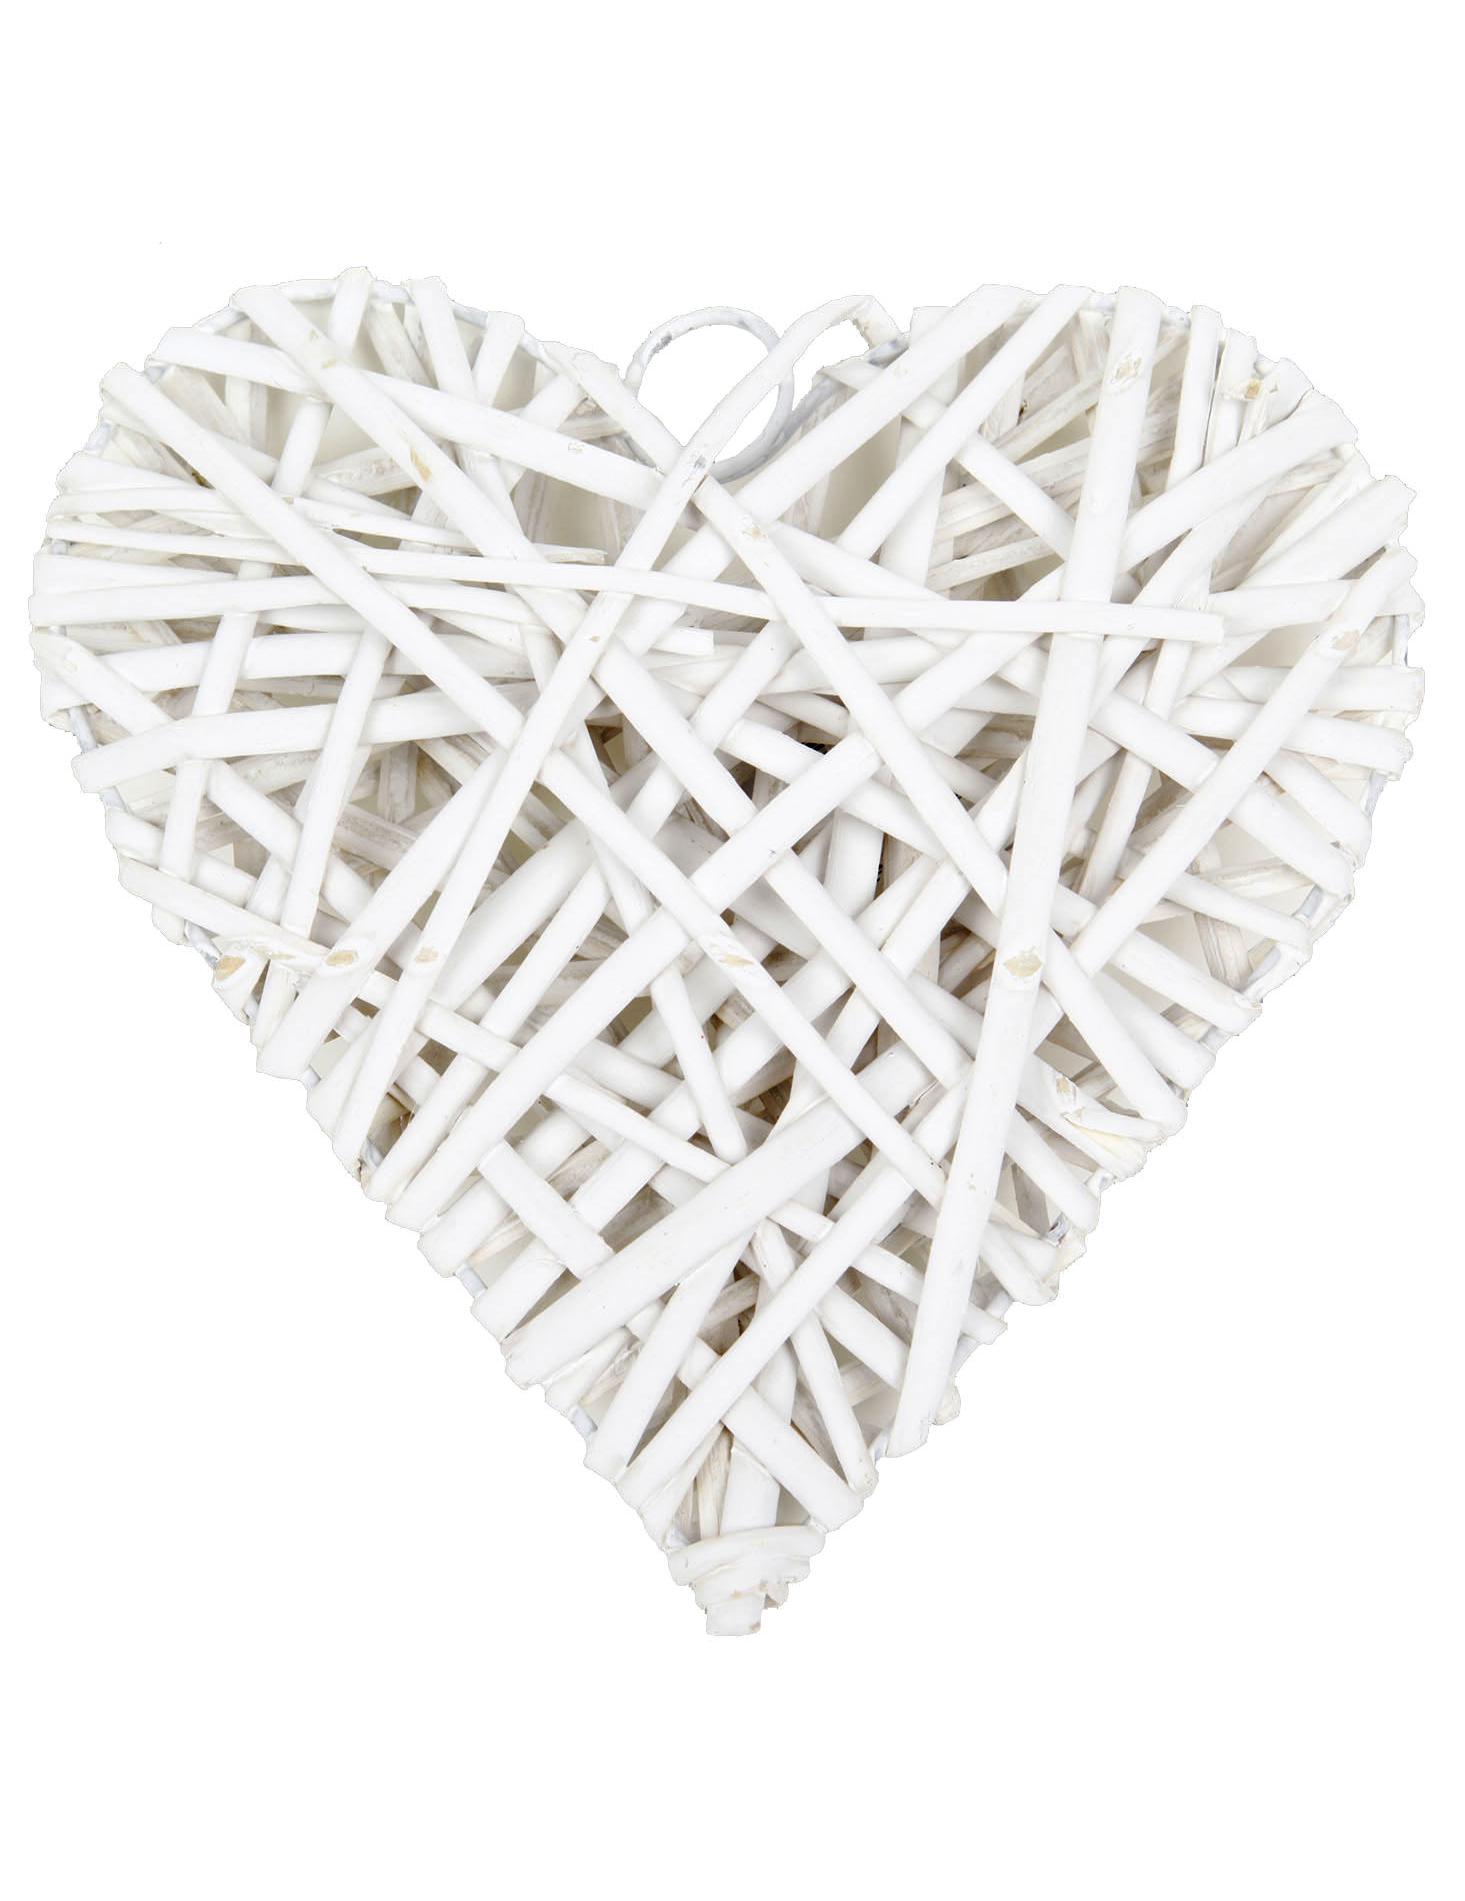 C ur plein en osier blanc 20 cm d coration anniversaire et f tes th me sur vegaoo party - Coeur en osier ...